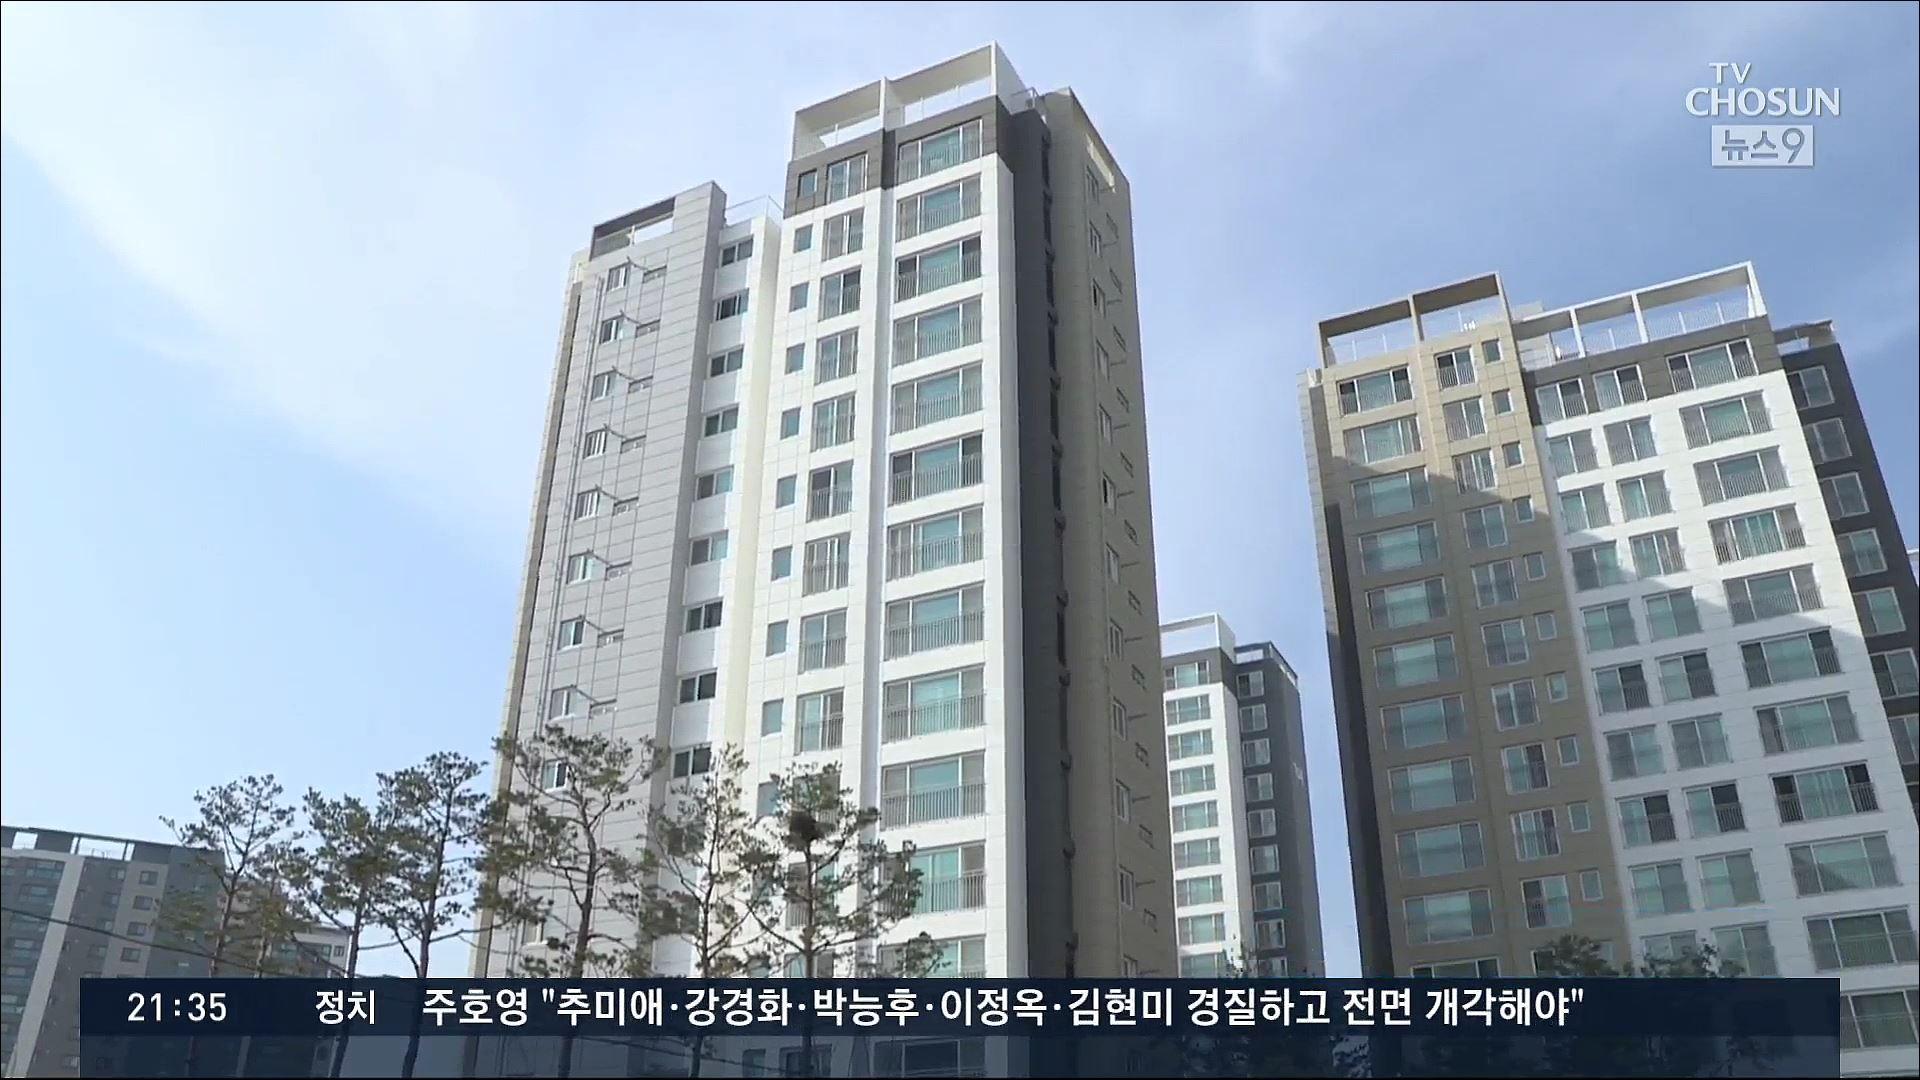 [집중점검] 효과 못 본 투기과열지구 지정…대구 수성구 집값 '천정부지'